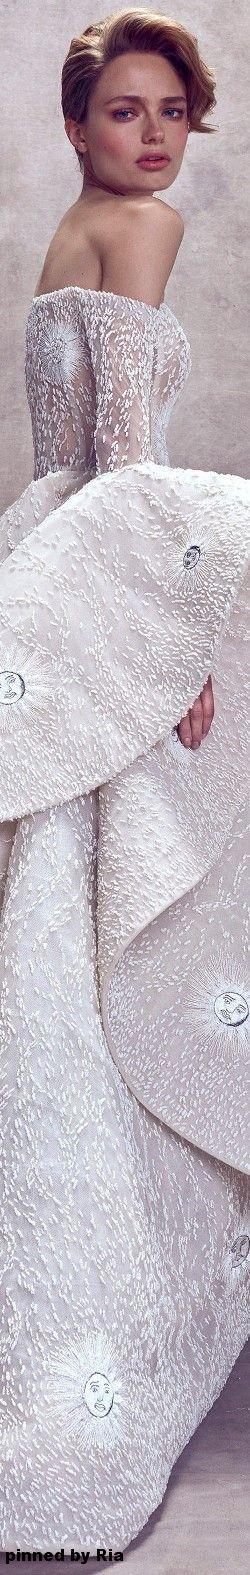 Ashi Studio Fall 2017 Haute` Couture Collection l Ria